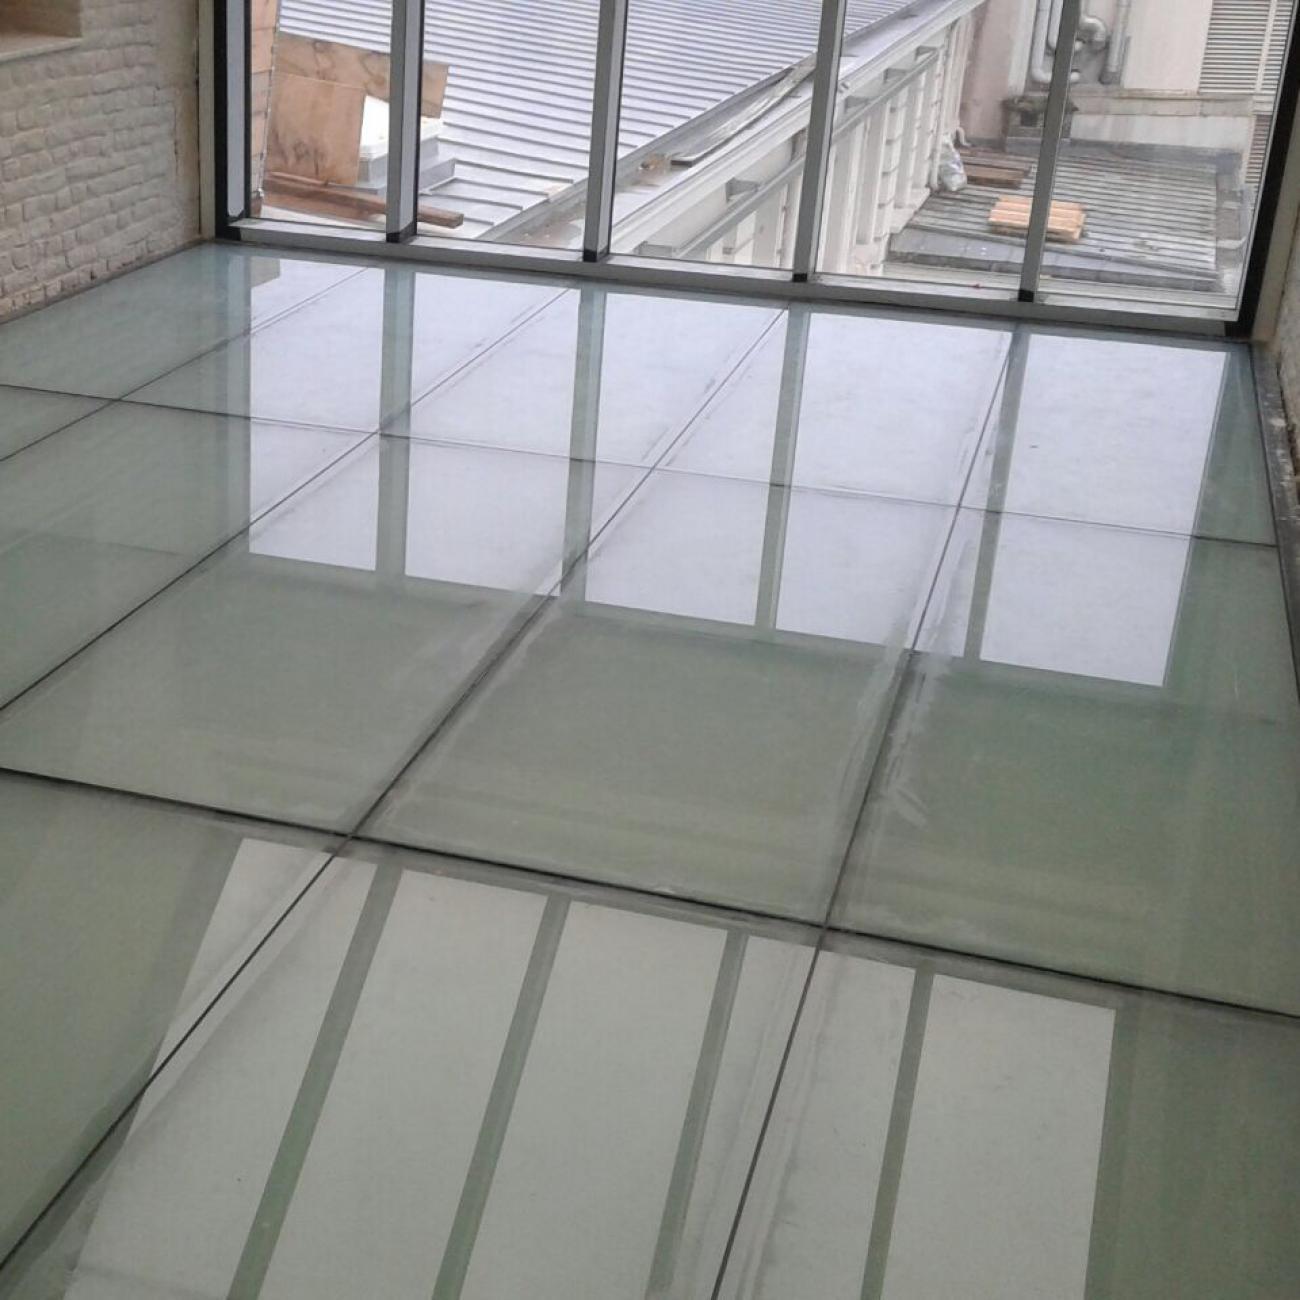 glazen vloer